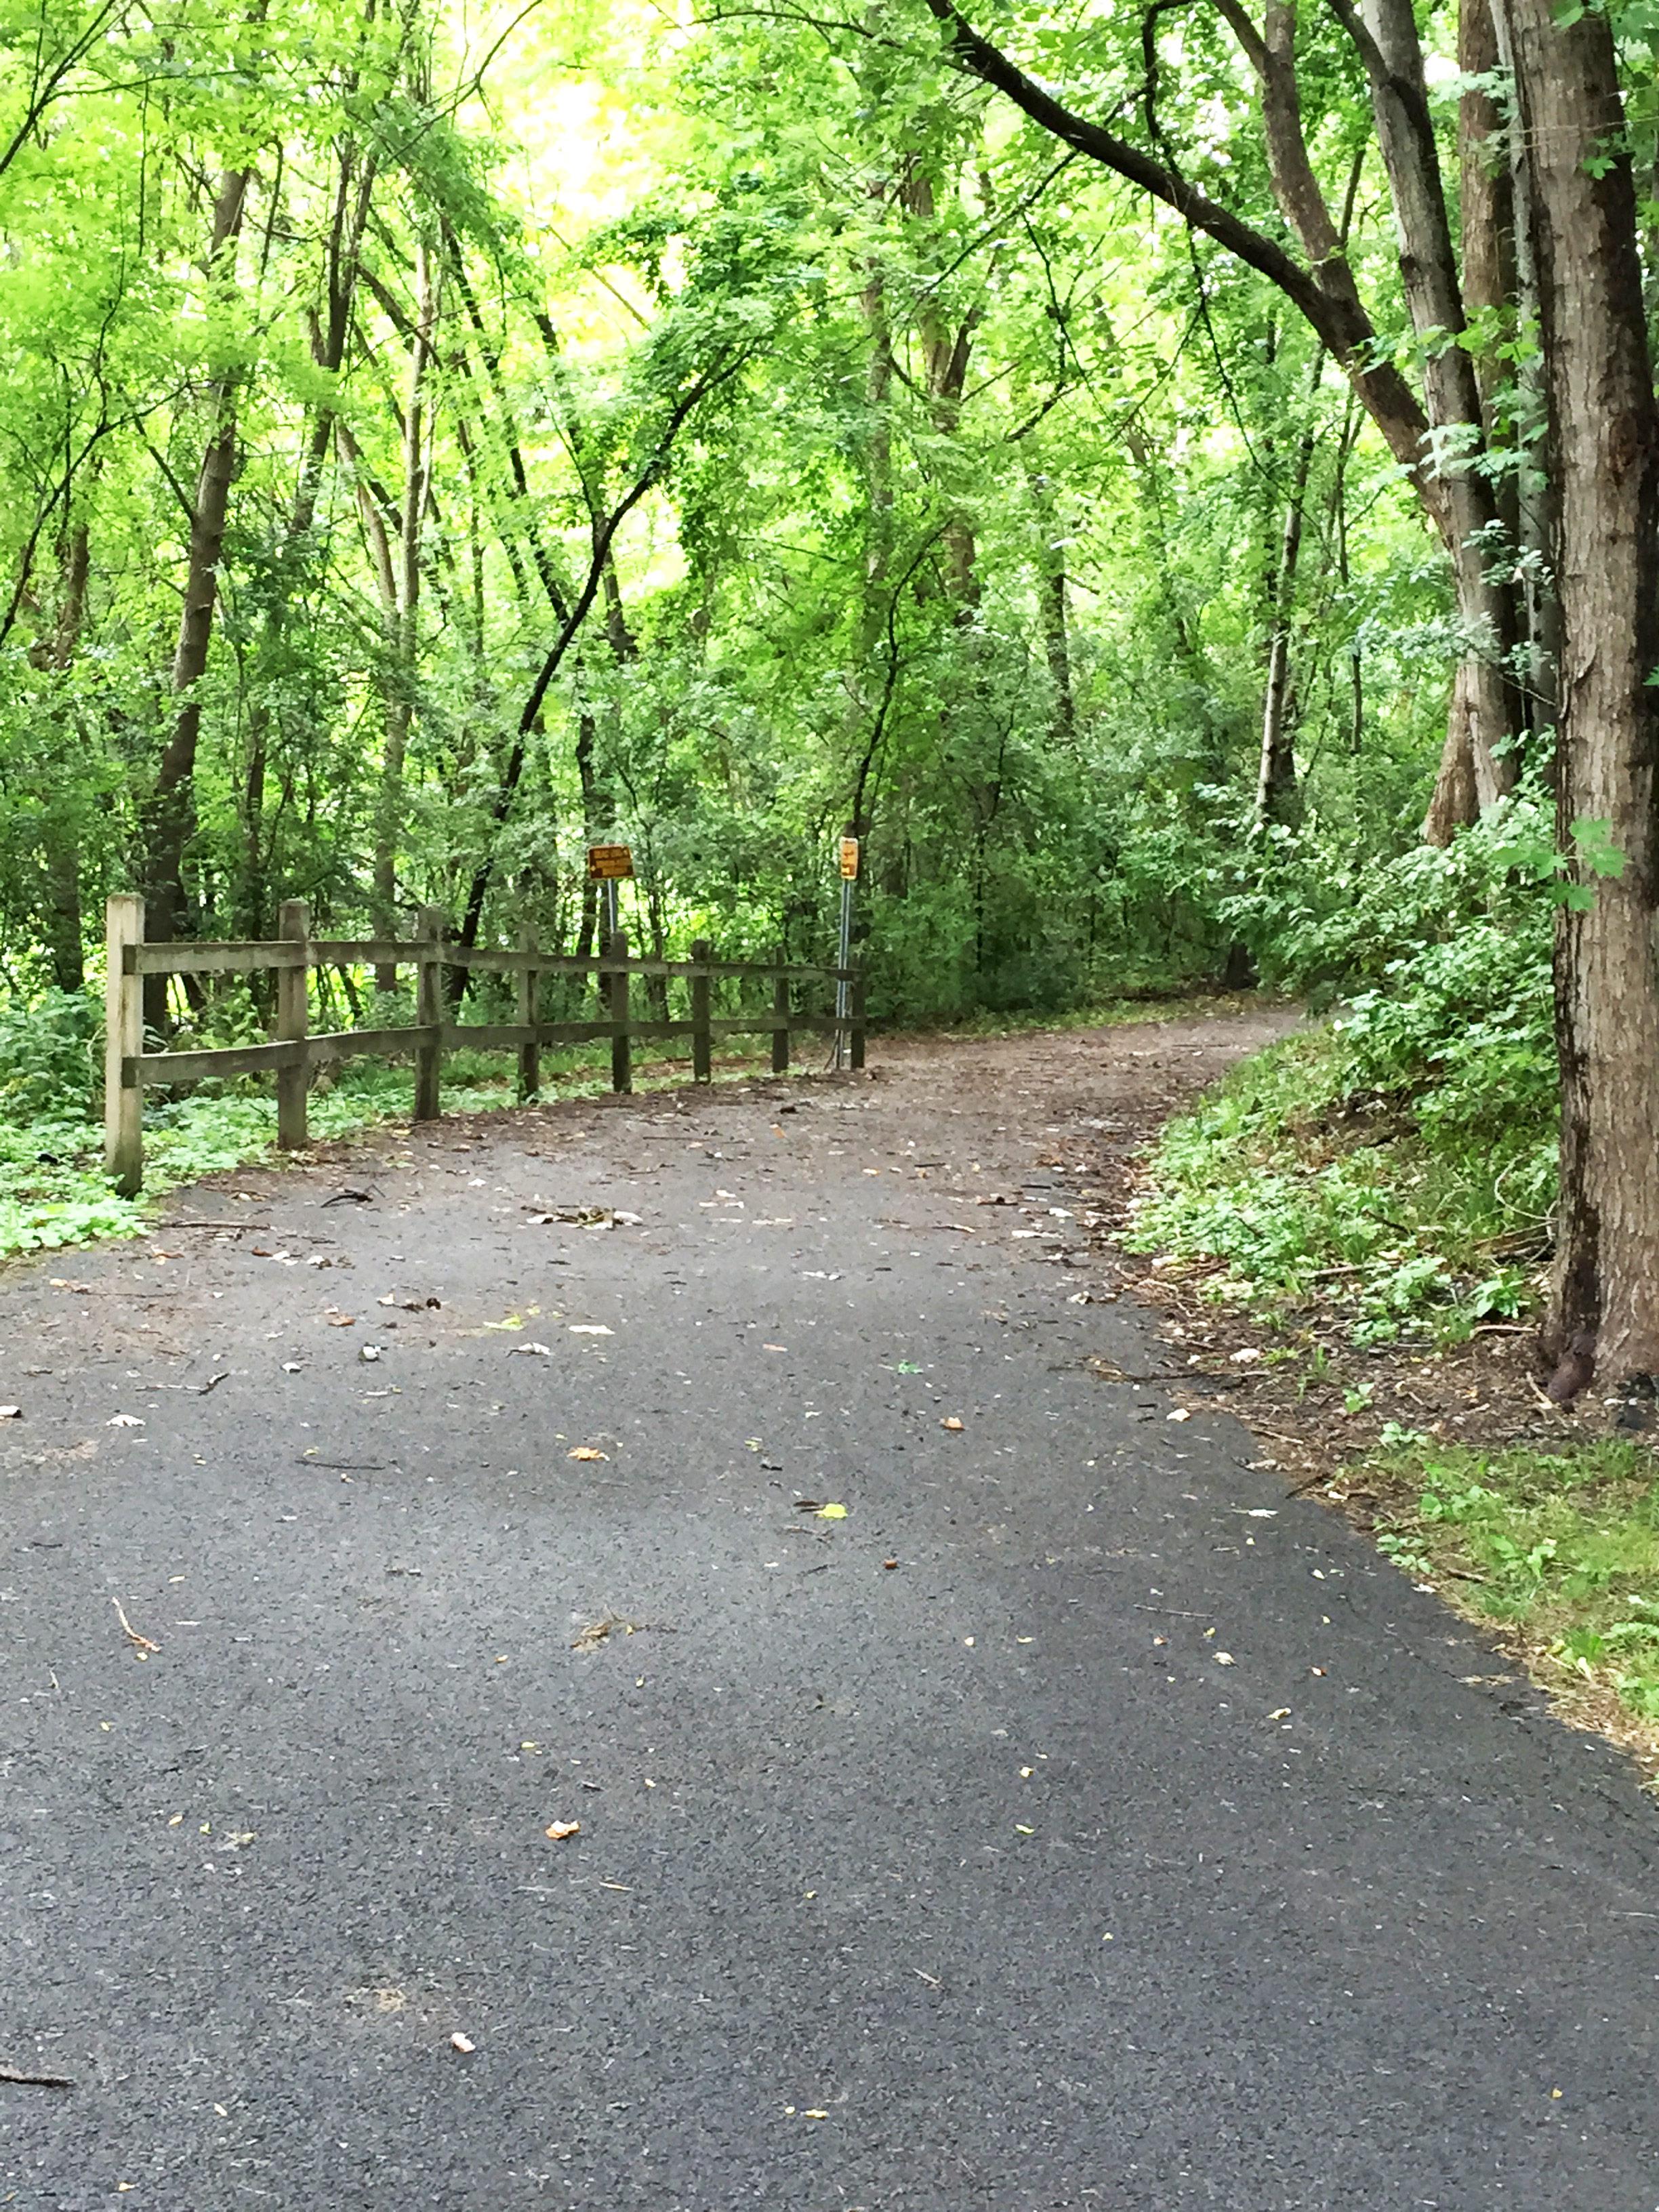 Mohawk/Hudson Bikeway Path